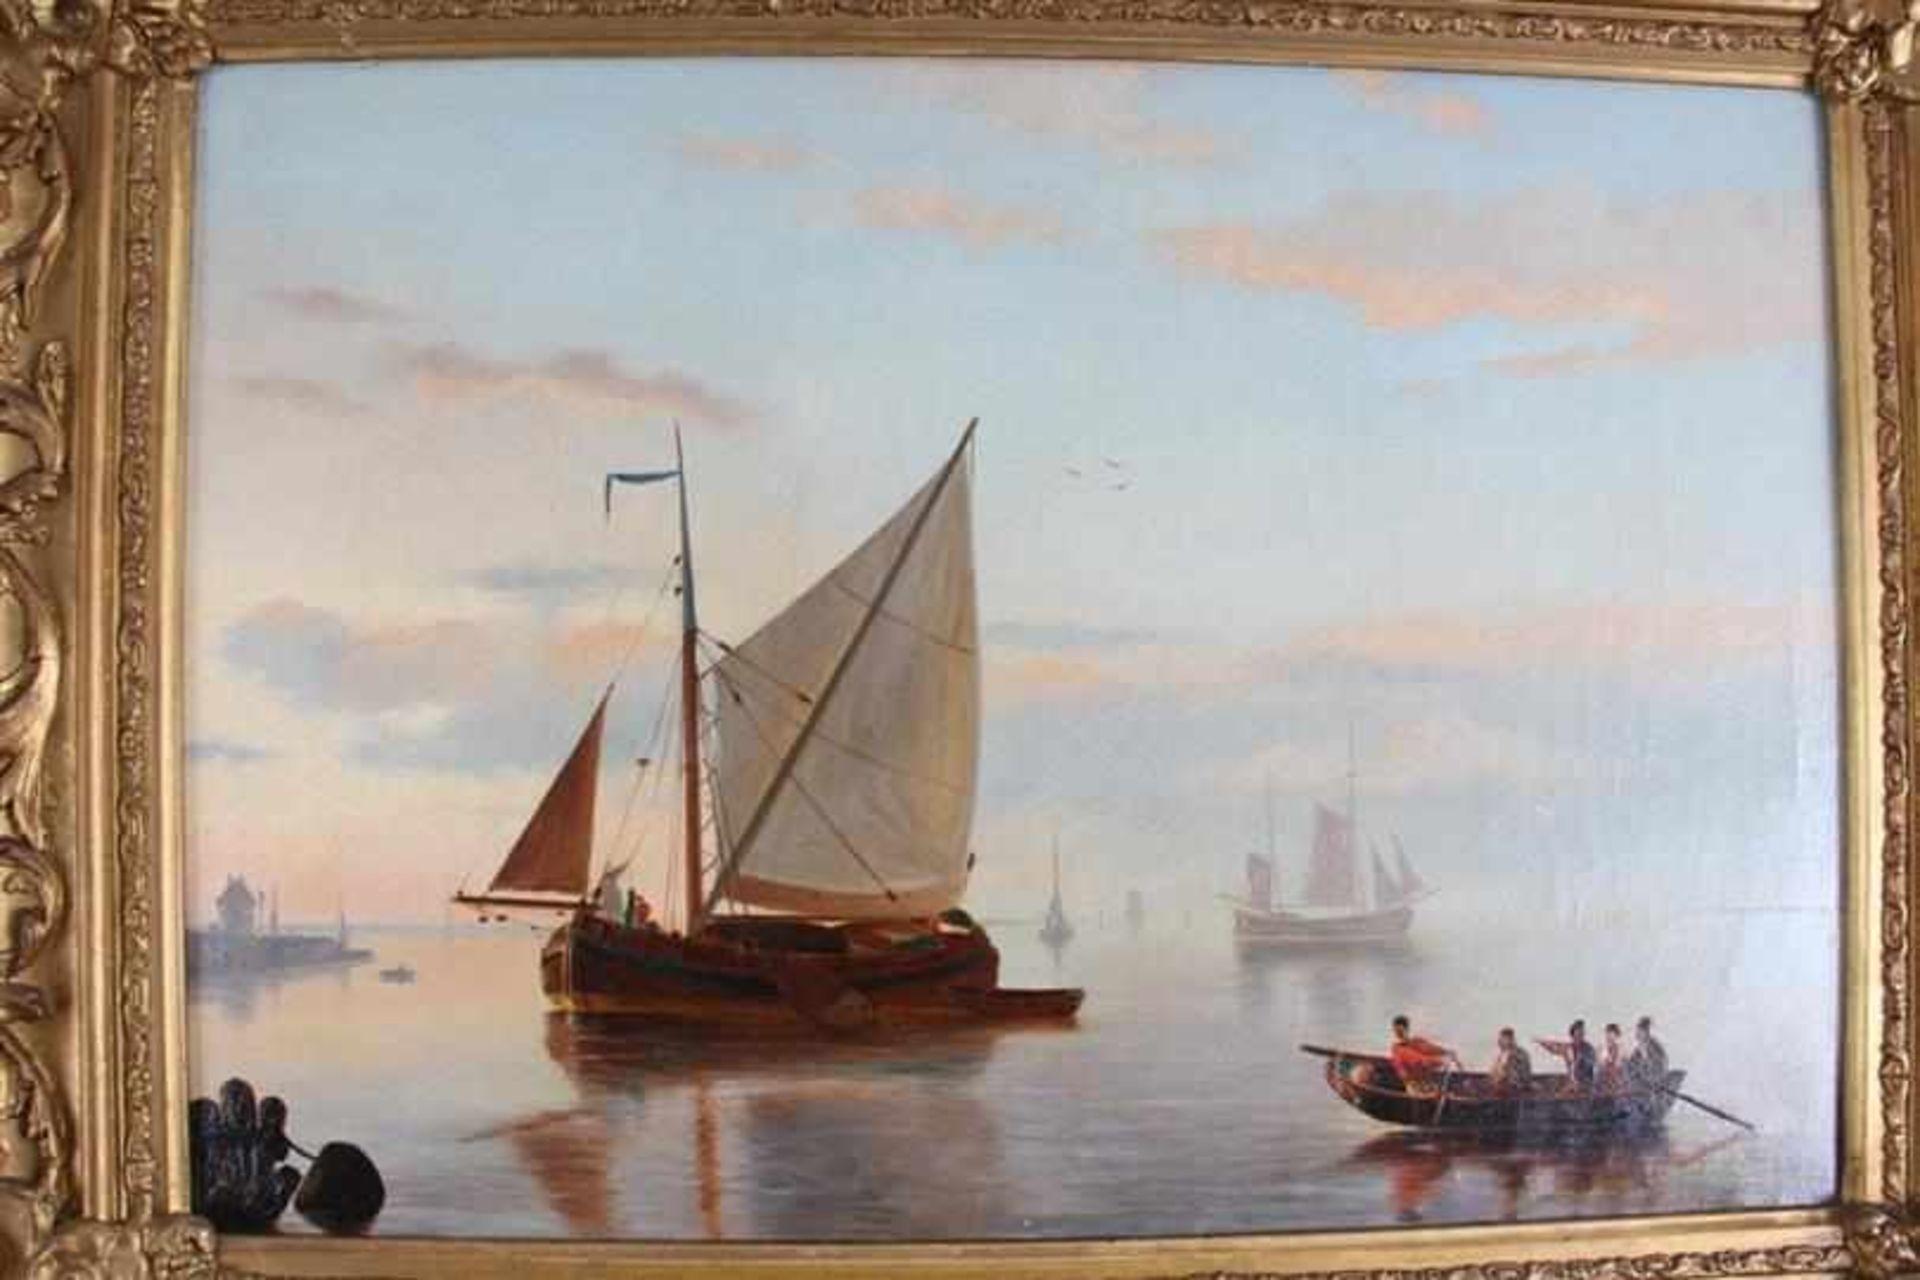 Schilderij, olieverf op doek, 'Zeegezicht', naar H. Koekoek. HxB: 30 x 42 cm. - Bild 2 aus 4